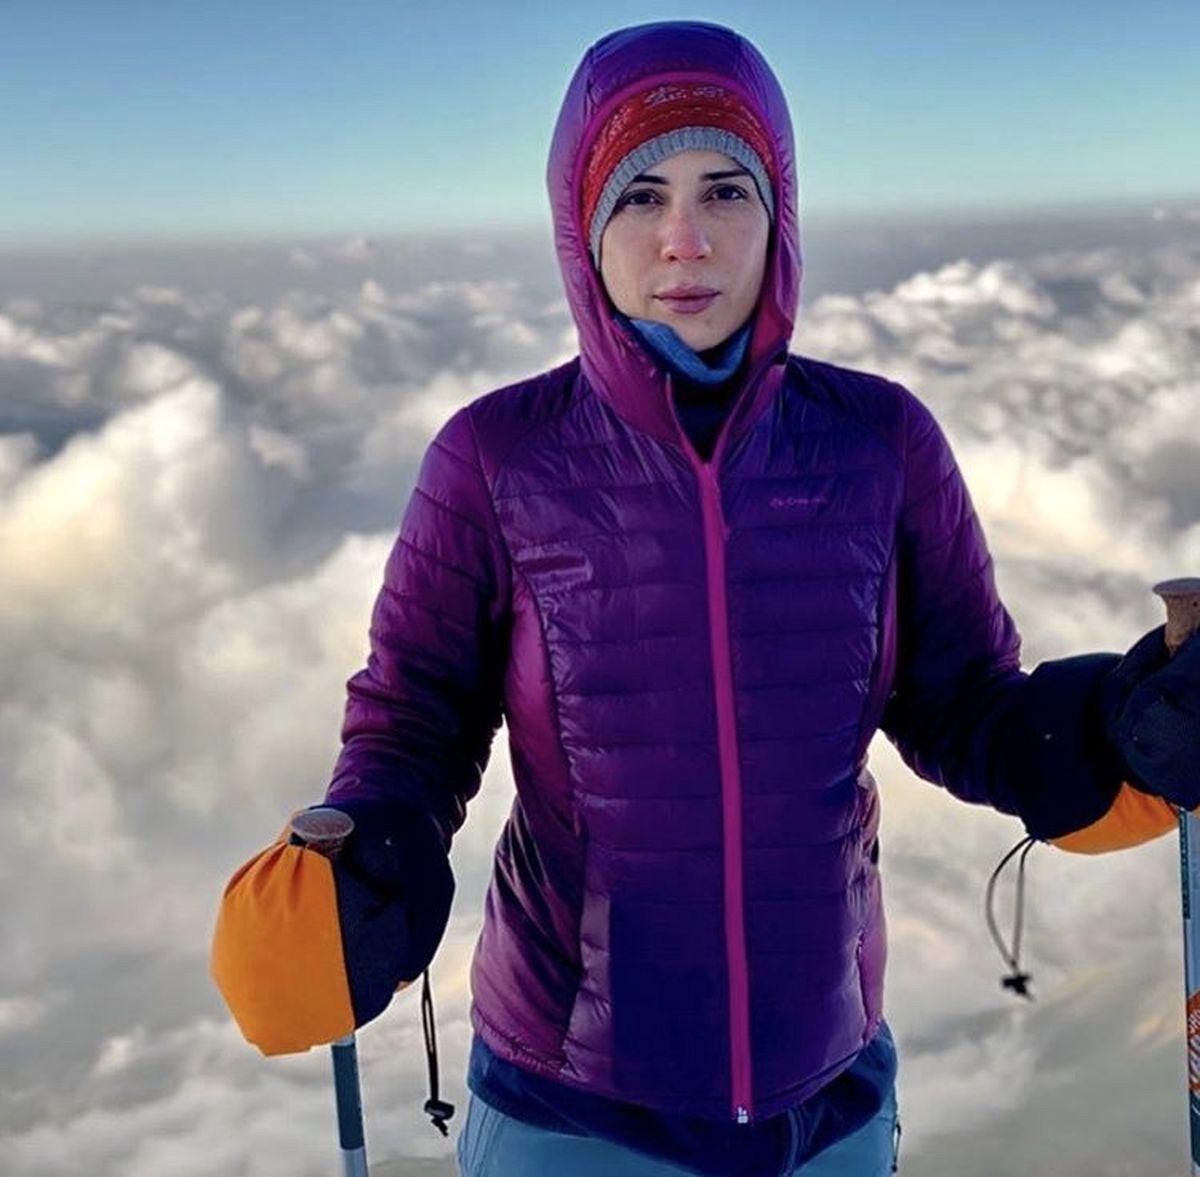 صعود سارا بهرامی به قله کوه + عکس